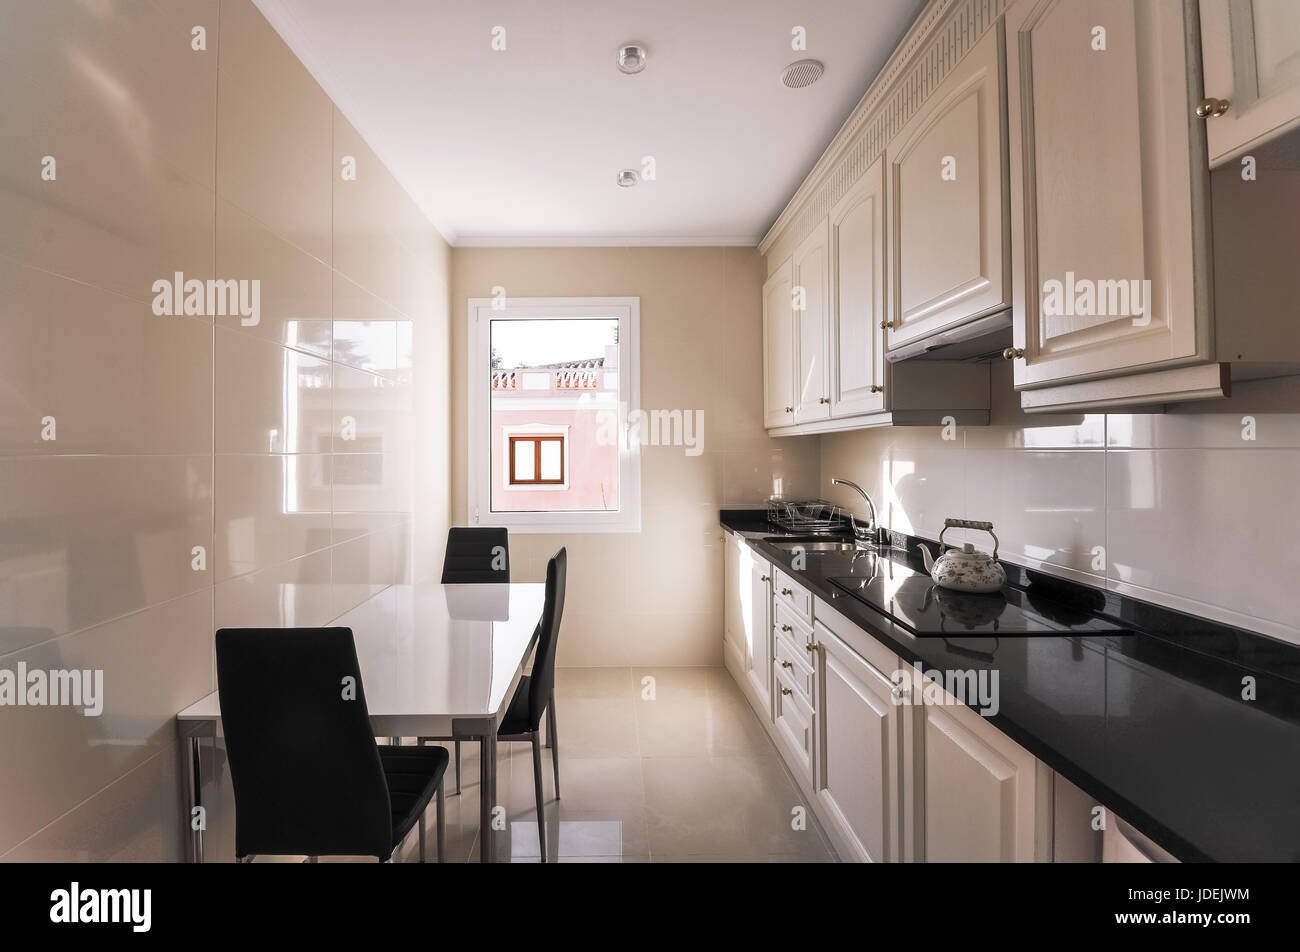 Cucina moderna con interni. Progettazione di una stretta ...